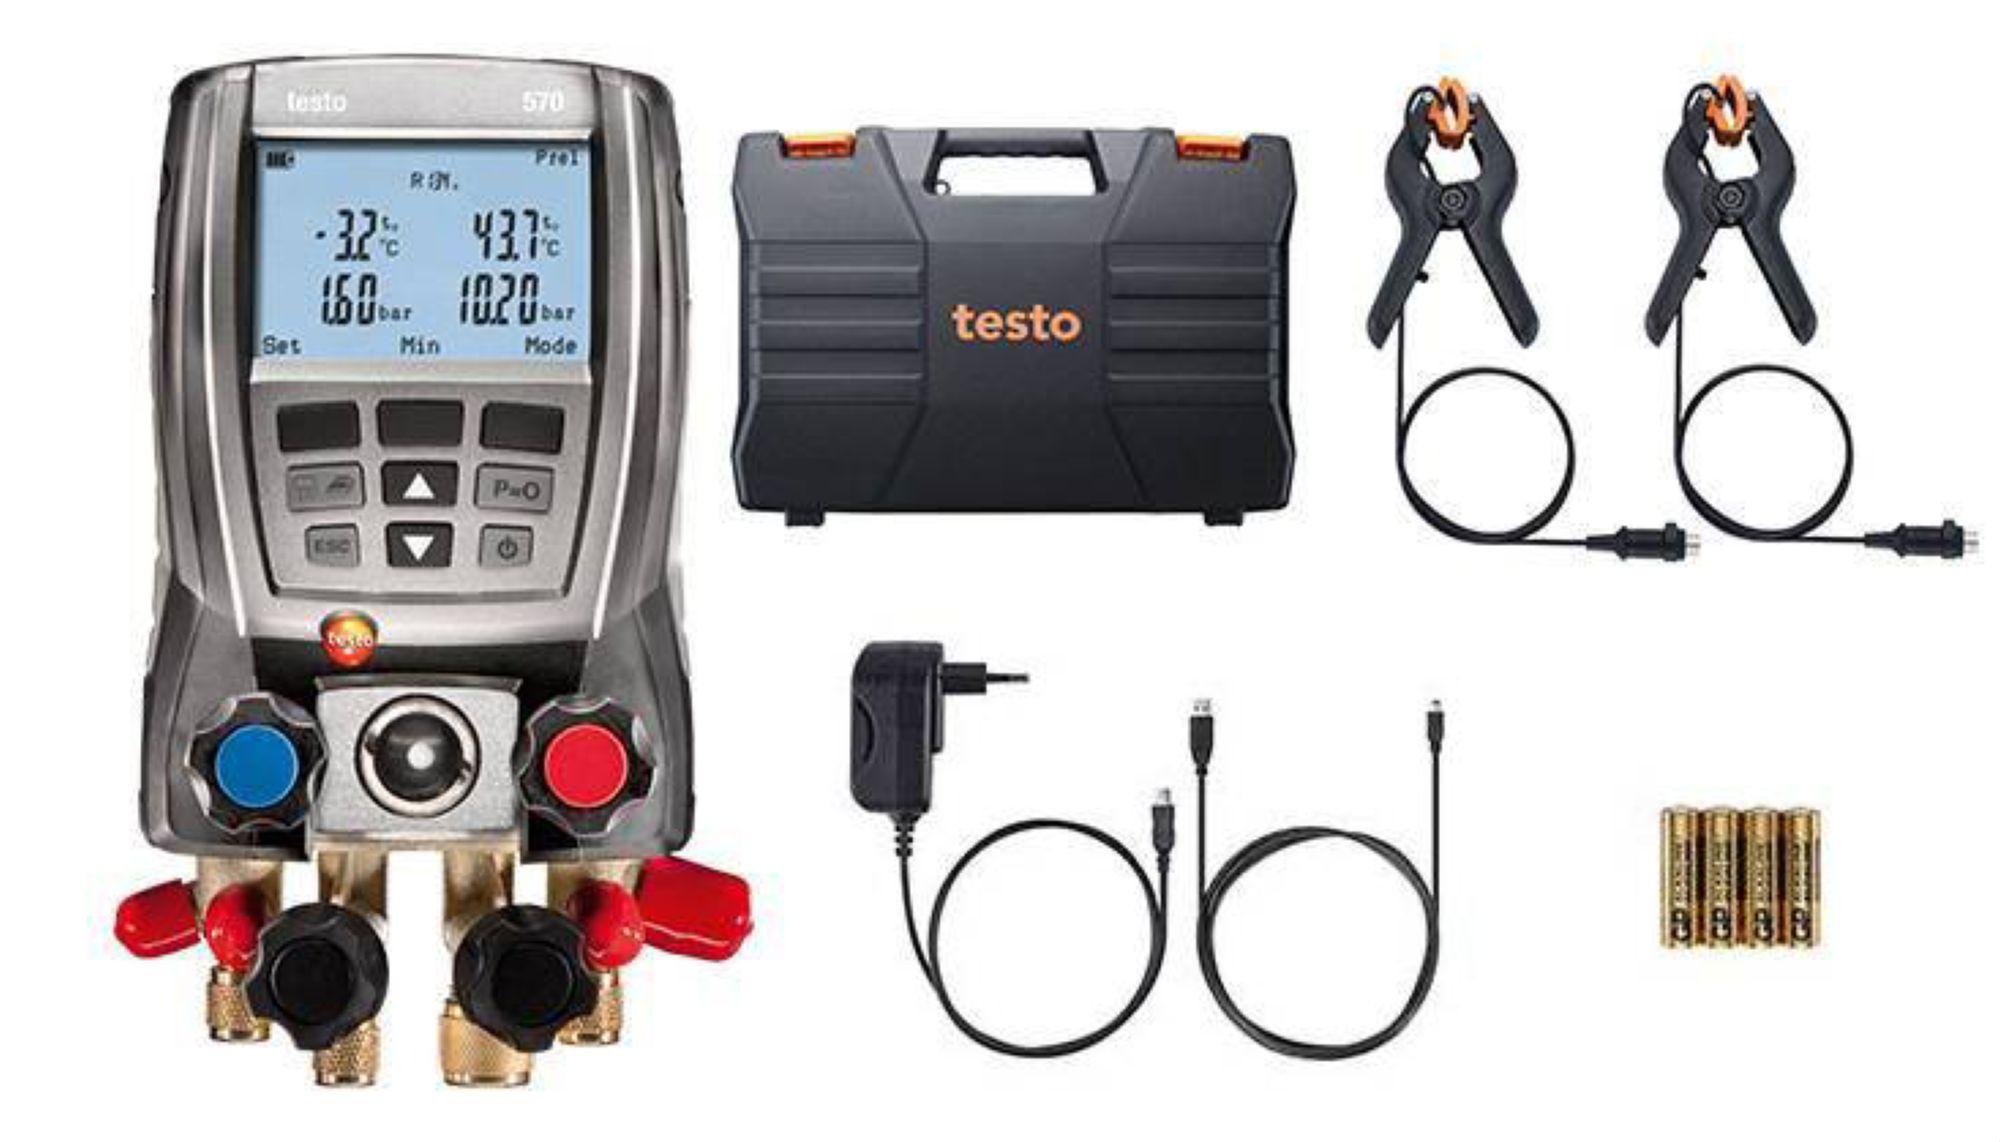 testo570-2 kit delivery